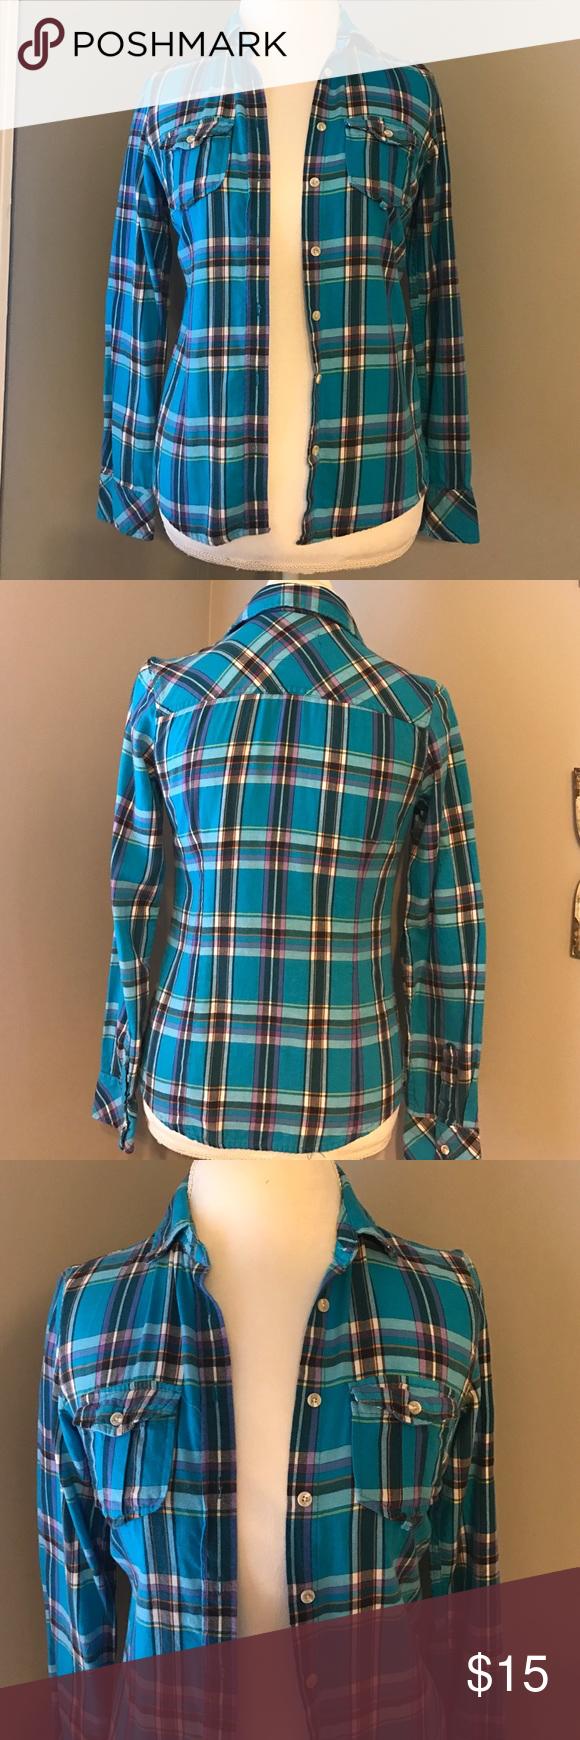 Flannel shirt xs  SuperCute Plaid Flannel Shirt Size XS Excellent Condition plaid